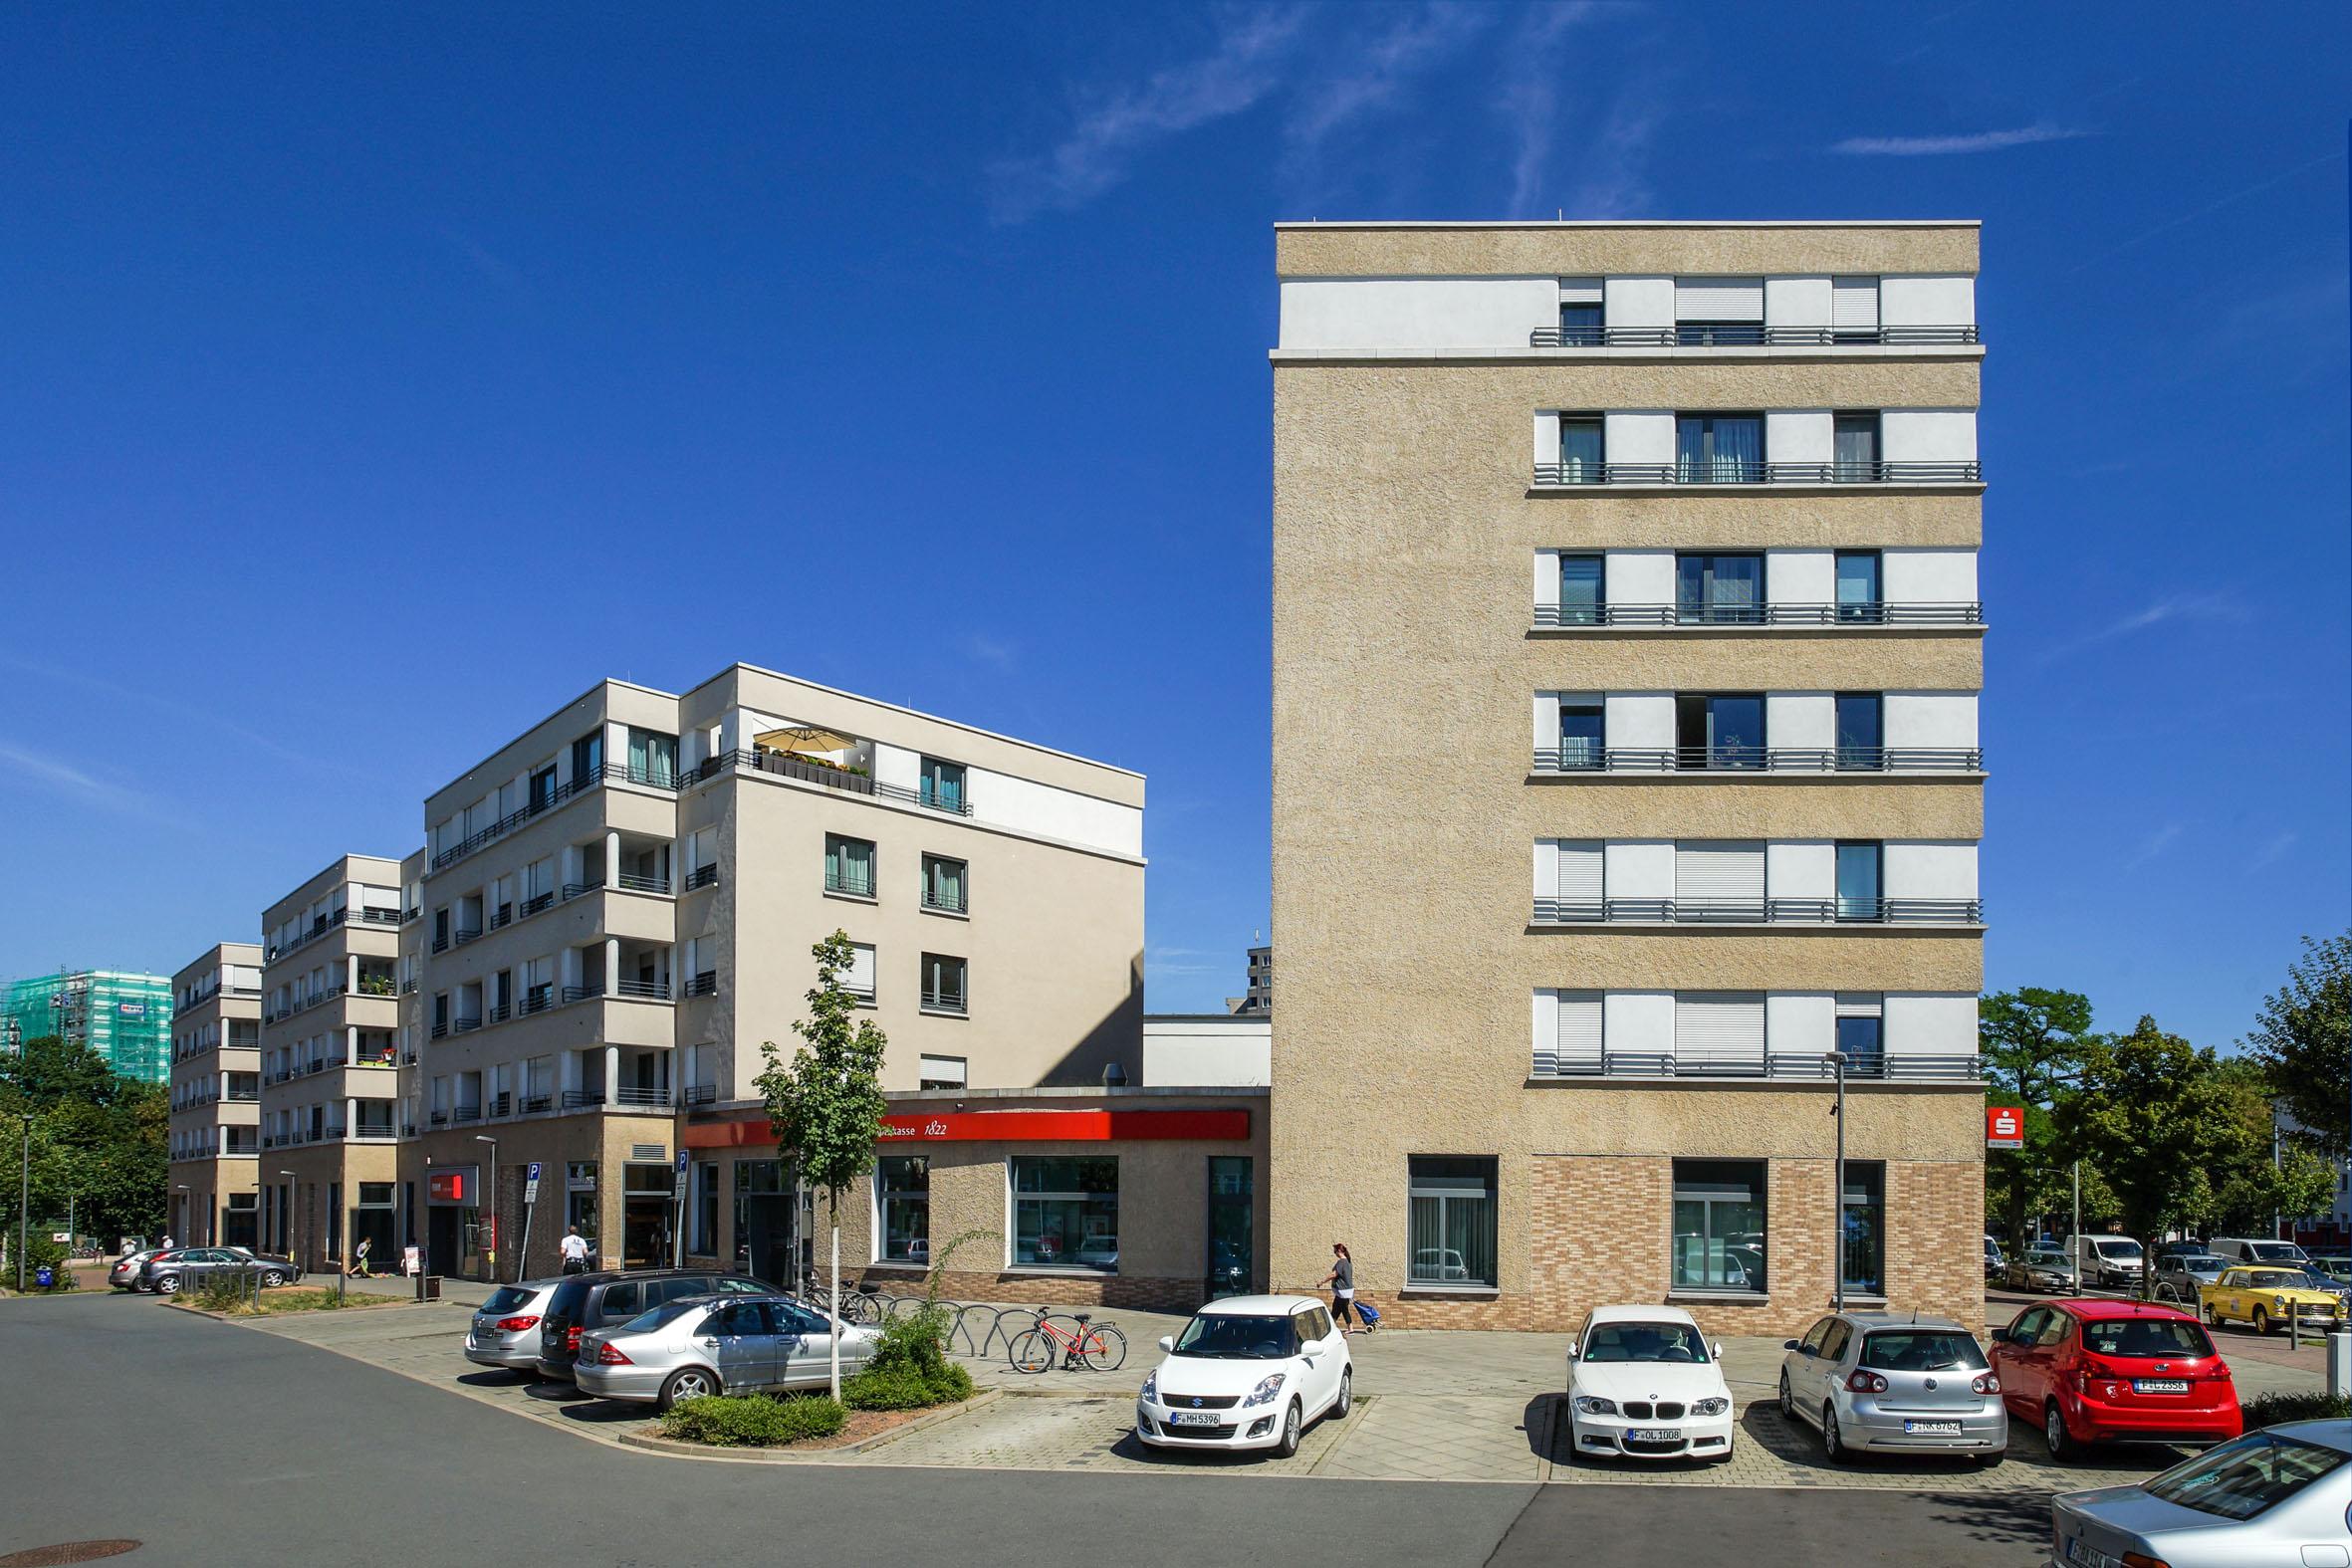 Architekturfotografie Wohn- und Gebäudekomplex Frankfurt Sachsenhausen